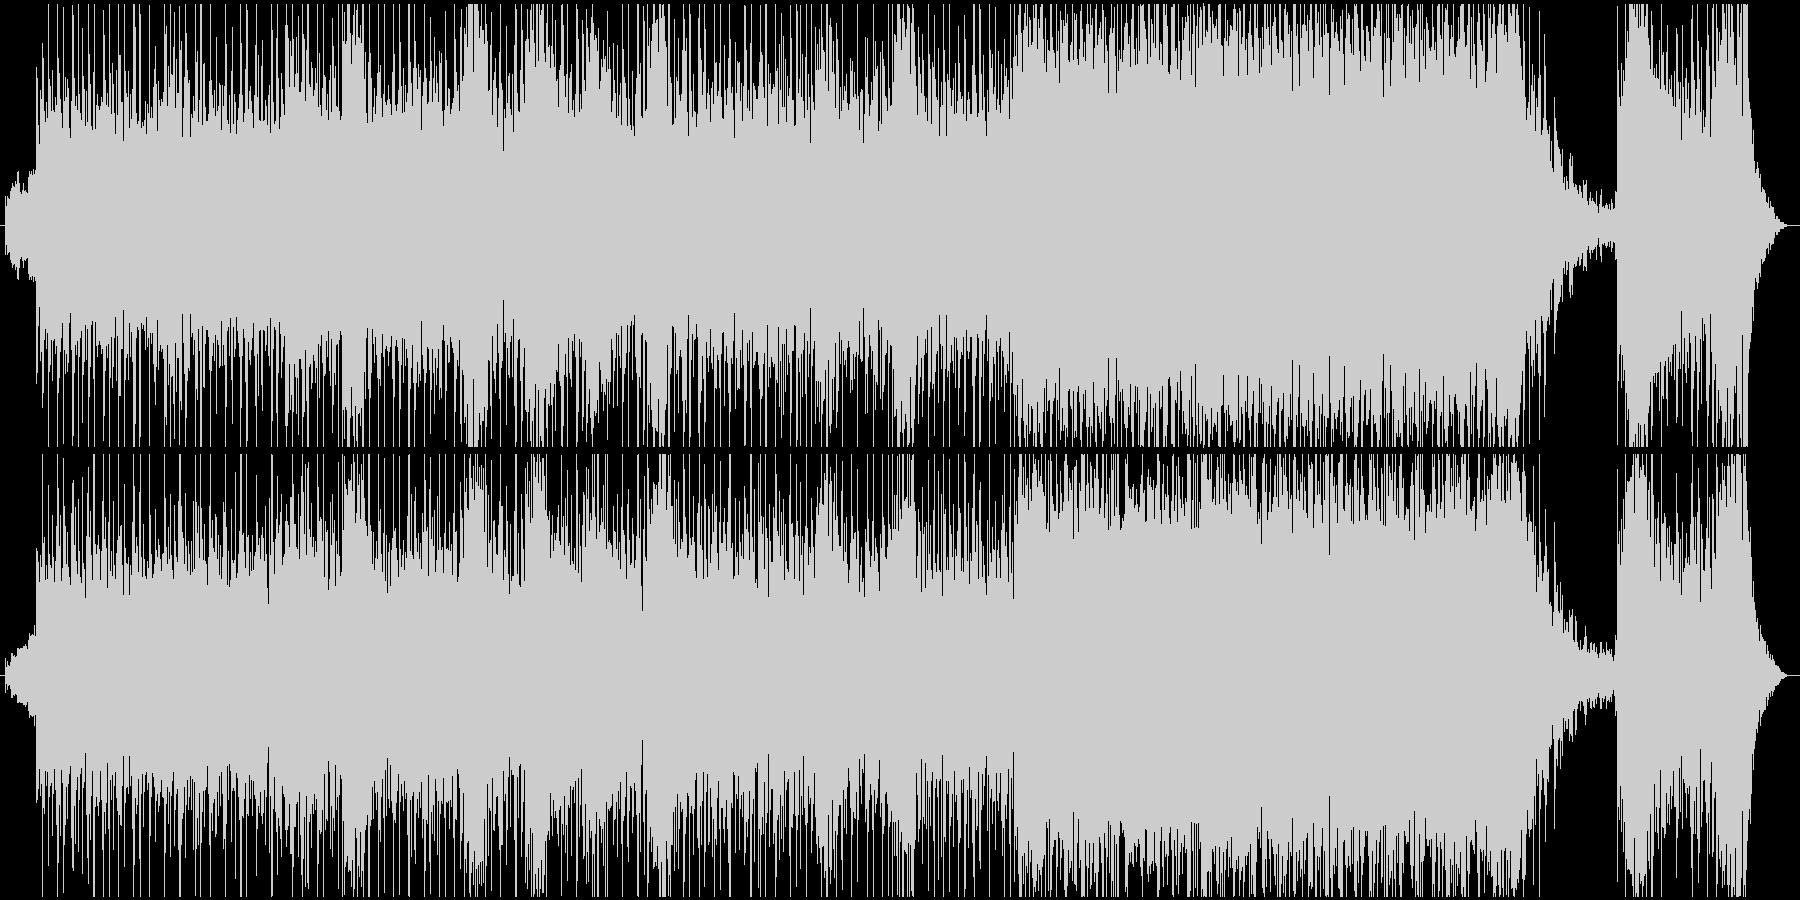 【映画風】緊張感のあるBGMの未再生の波形